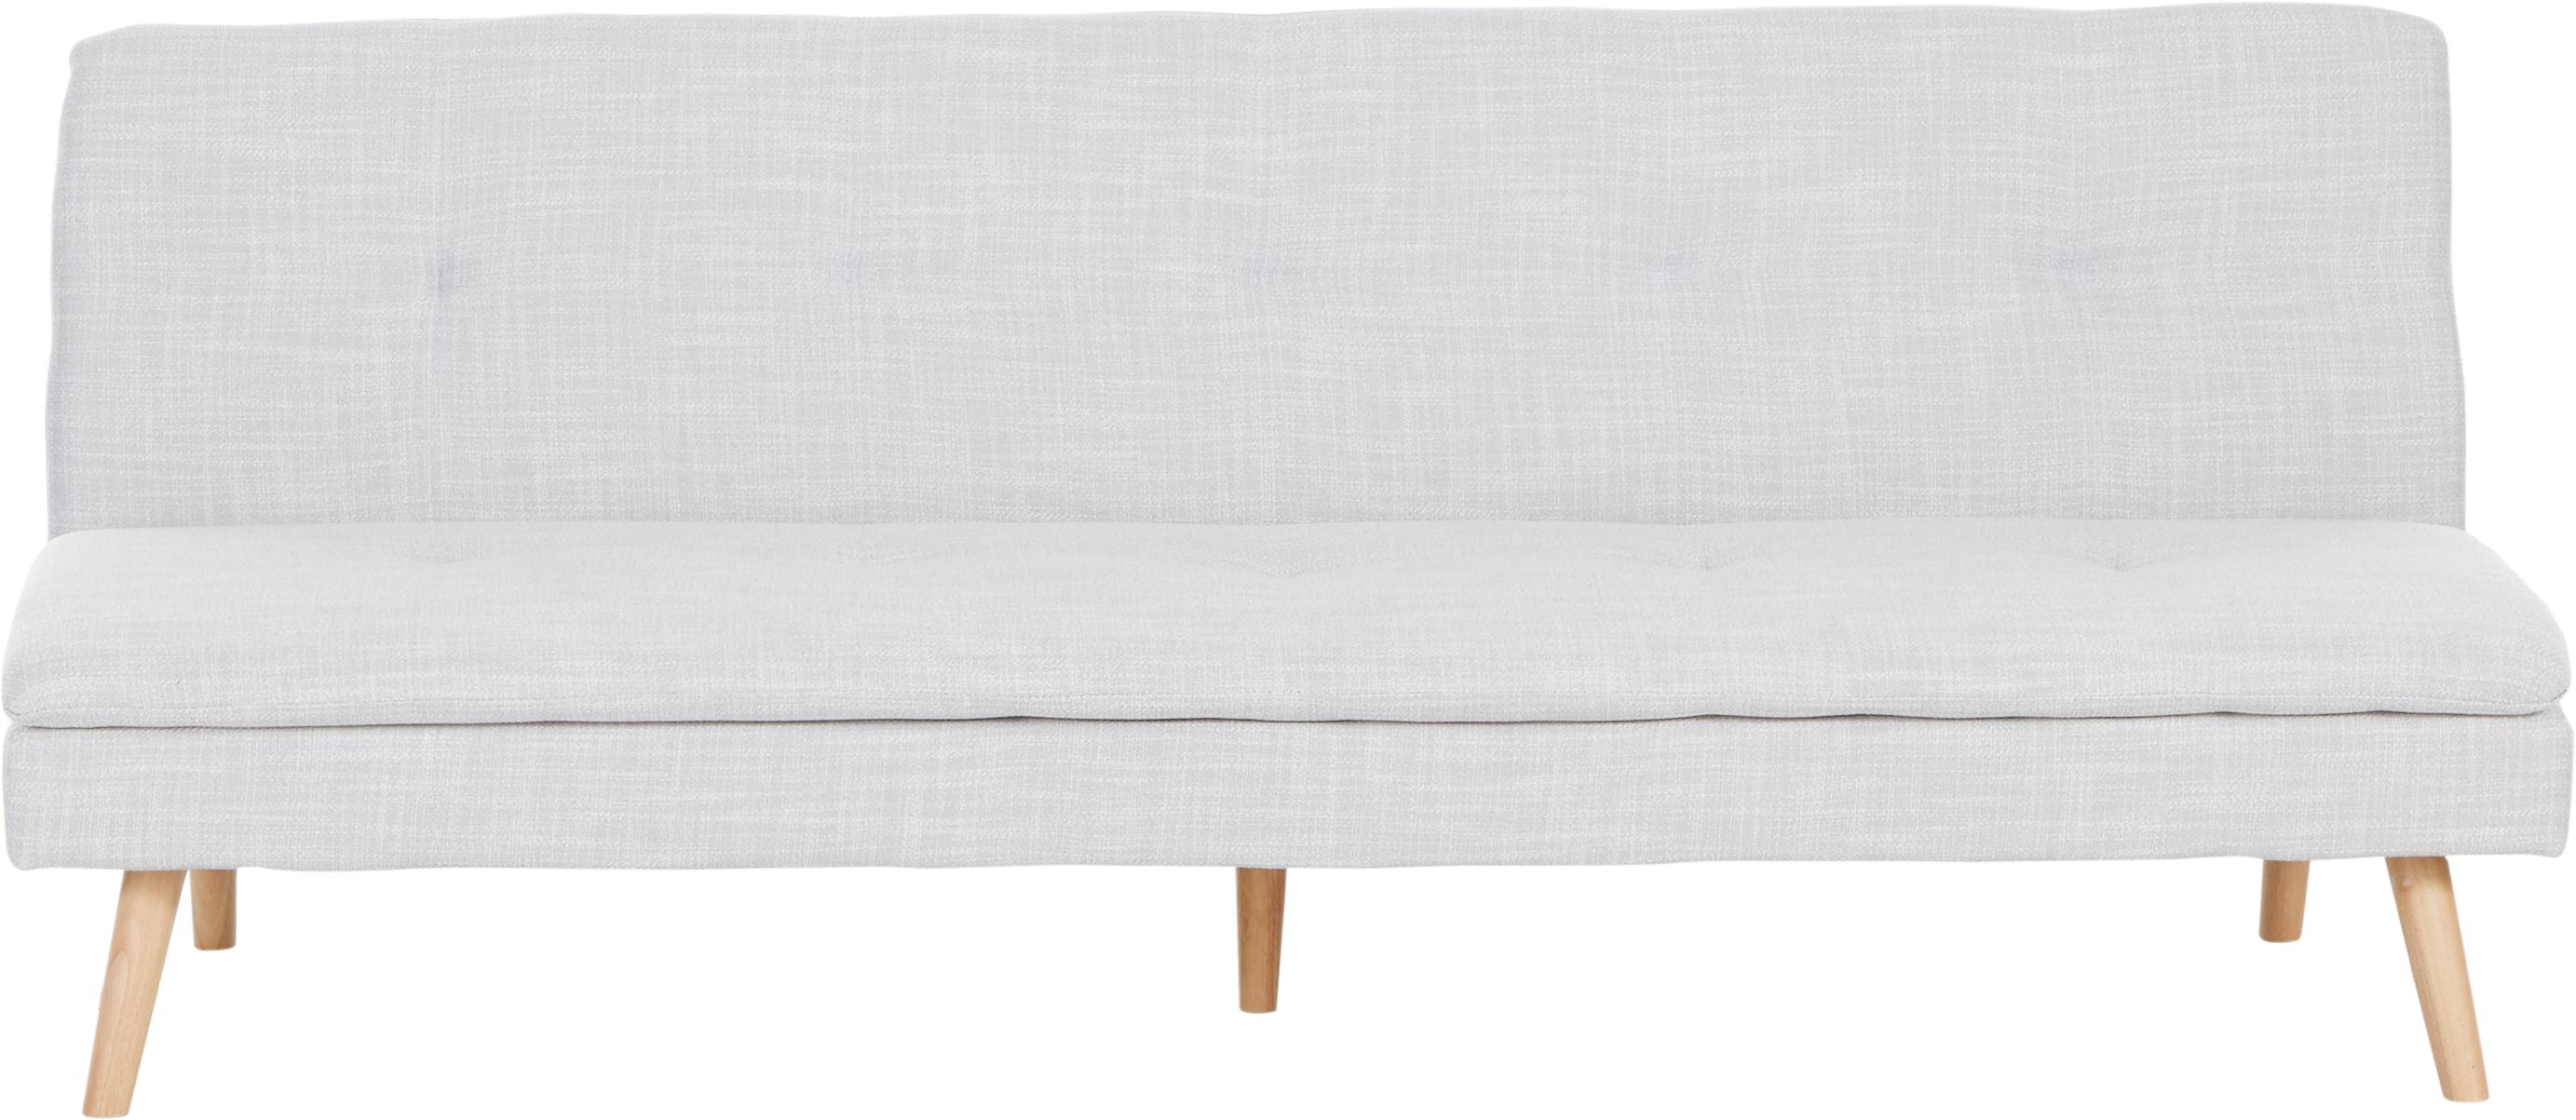 Sofá cama Amelie, Tapizado: poliéster 30.000 ciclos e, Estructura: madera de pino, Patas: madera de caucho, Tapizado: gris claro Patas: madera de caucho, An 200 x Al 79 cm